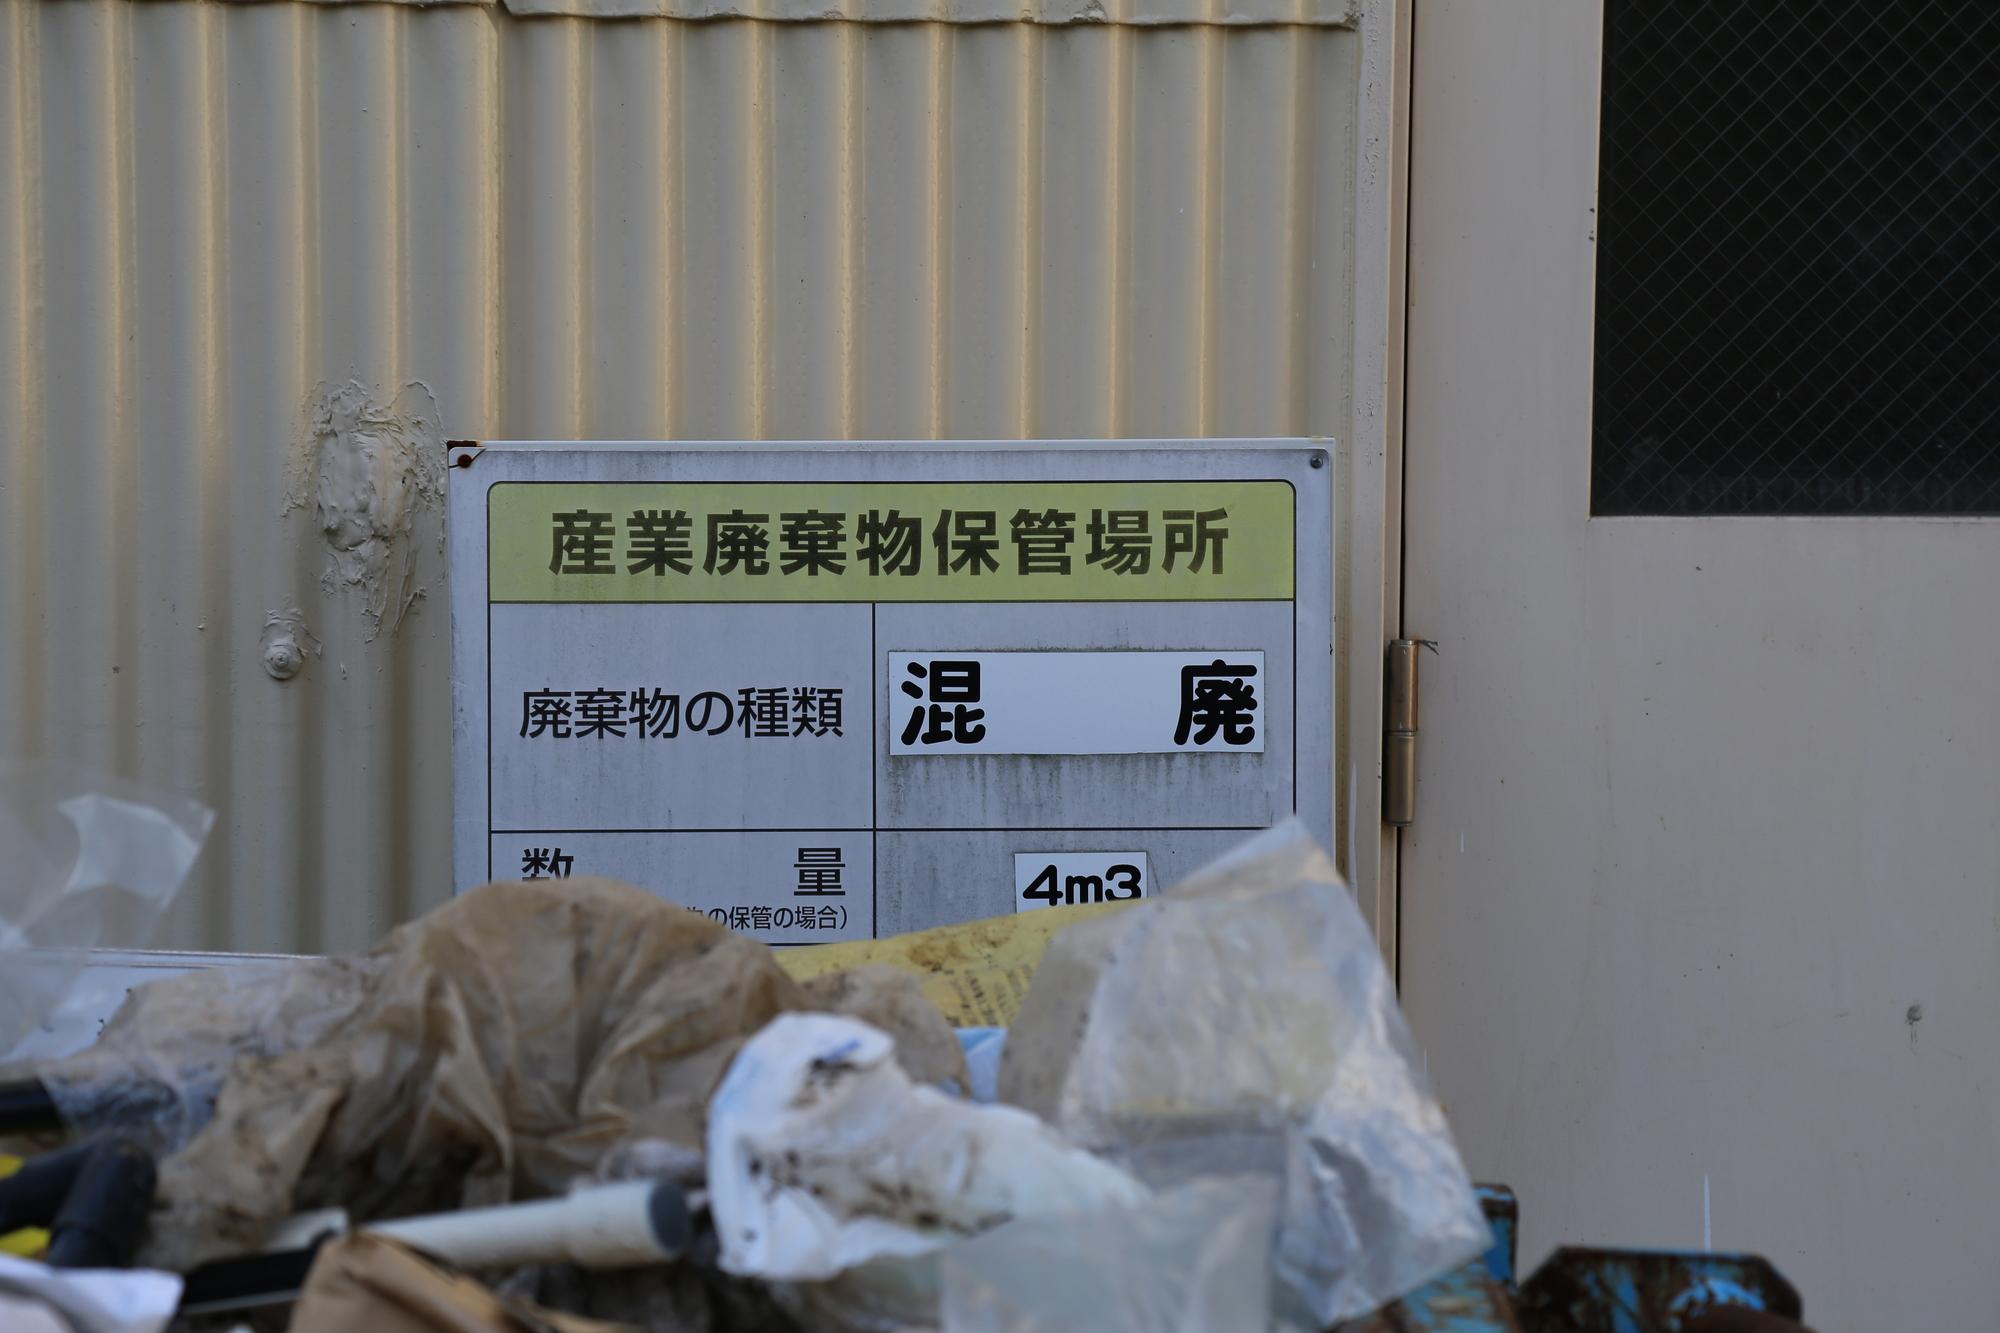 混合廃棄物の分類と正しい処理方法について解説